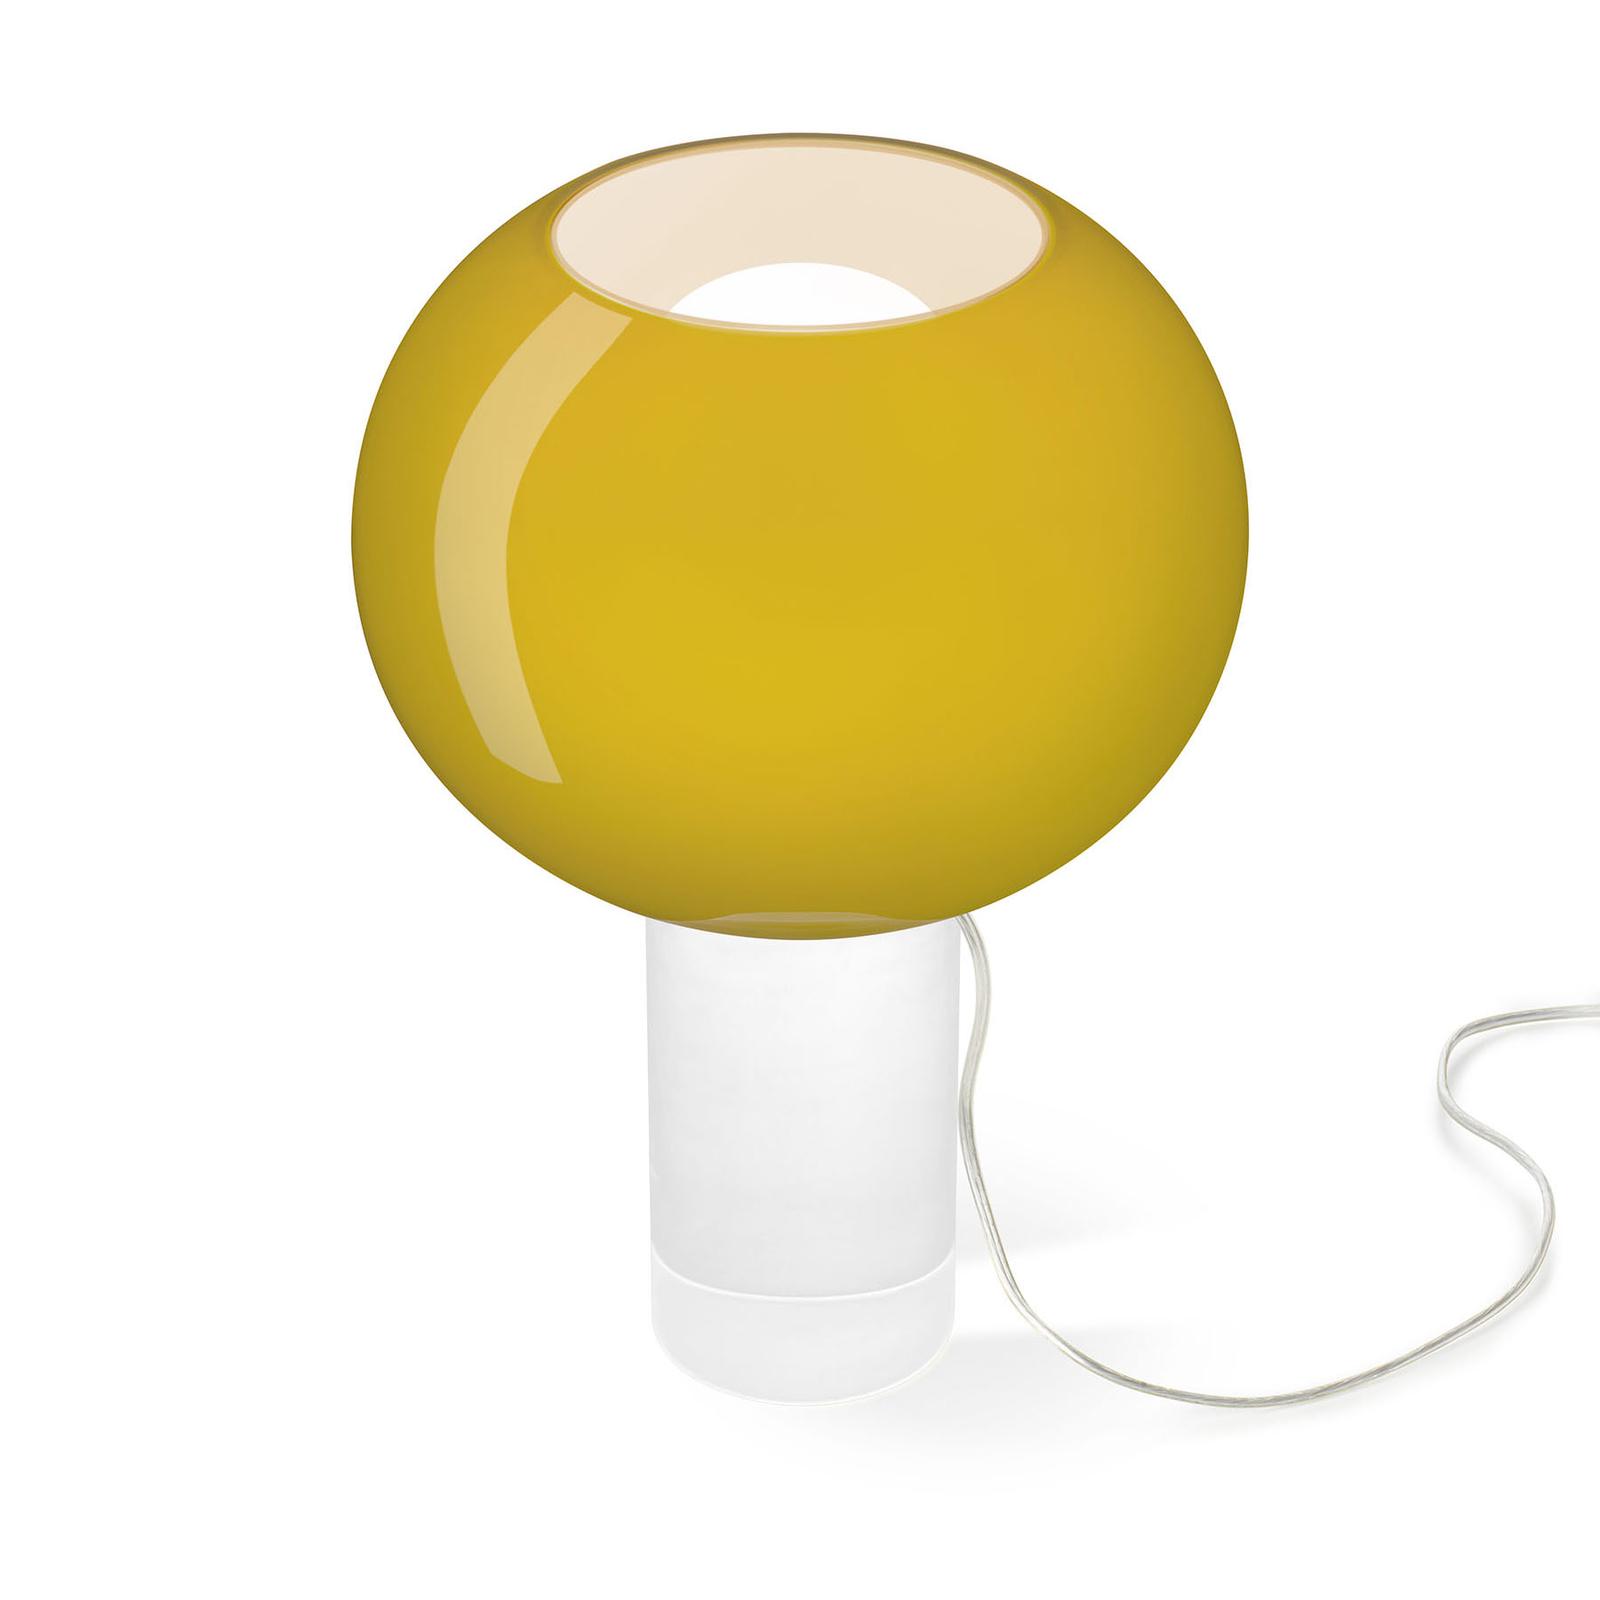 Foscarini Buds 3 bordlampe, kuleformet, gulgrønn